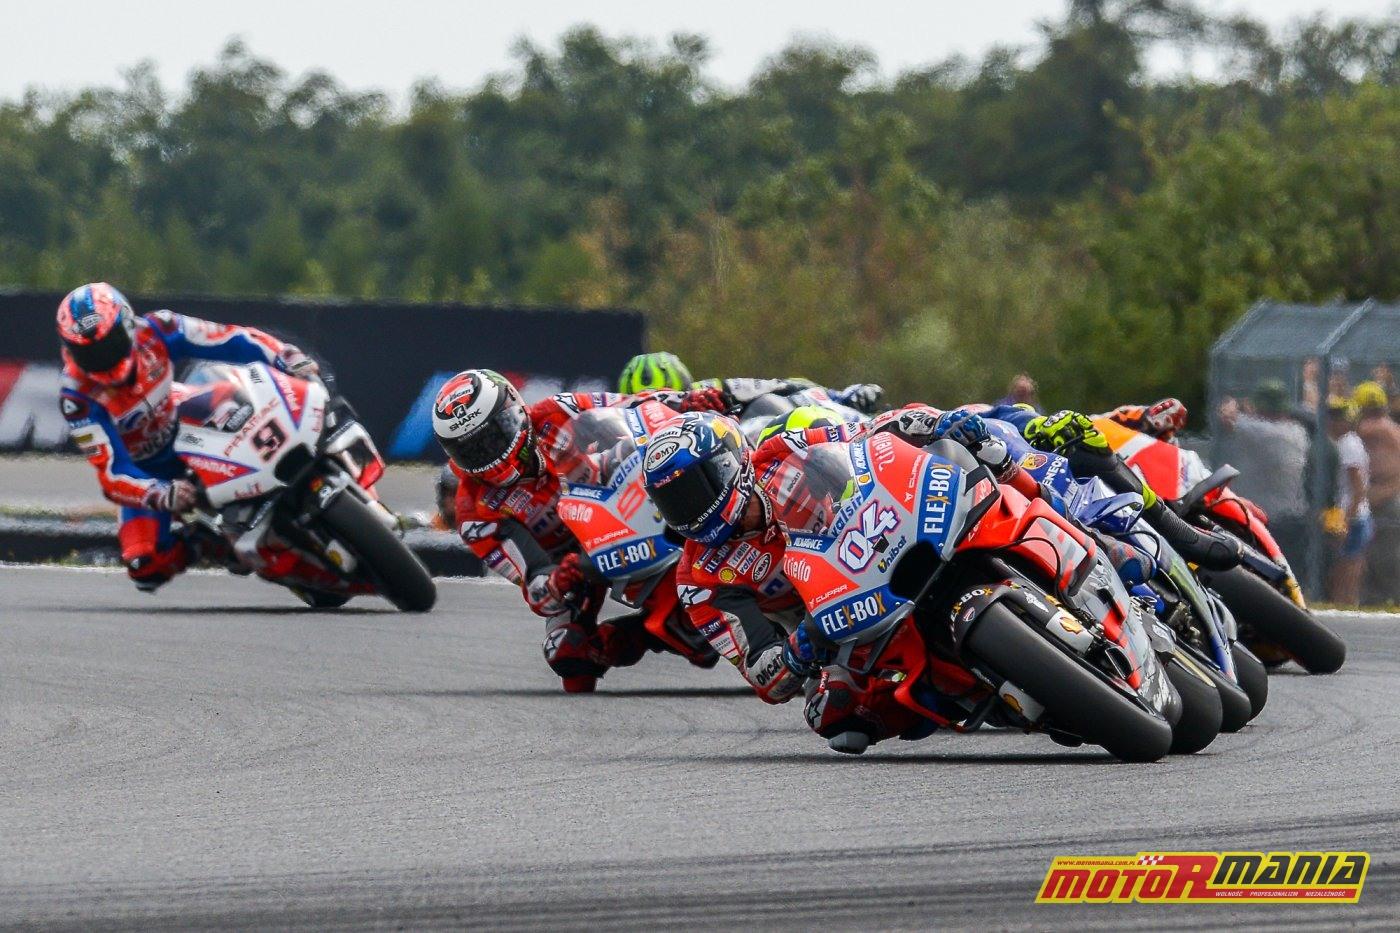 Wyścig MotoGP Brno 2018 - fot Waldek Walerczuk (19)